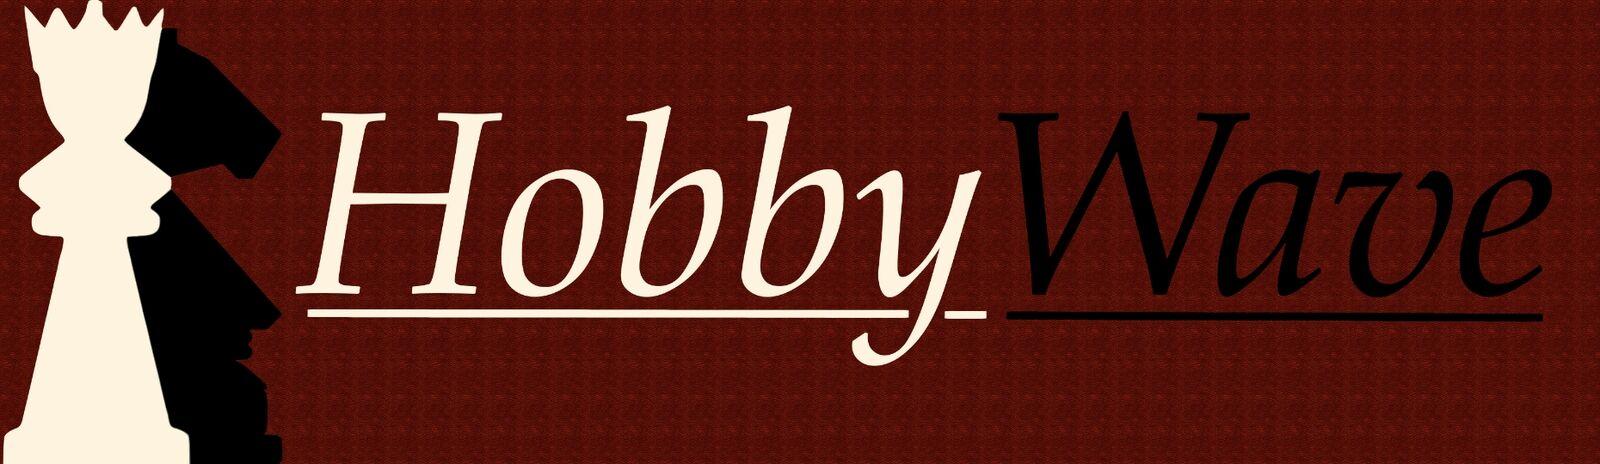 Hobbywave